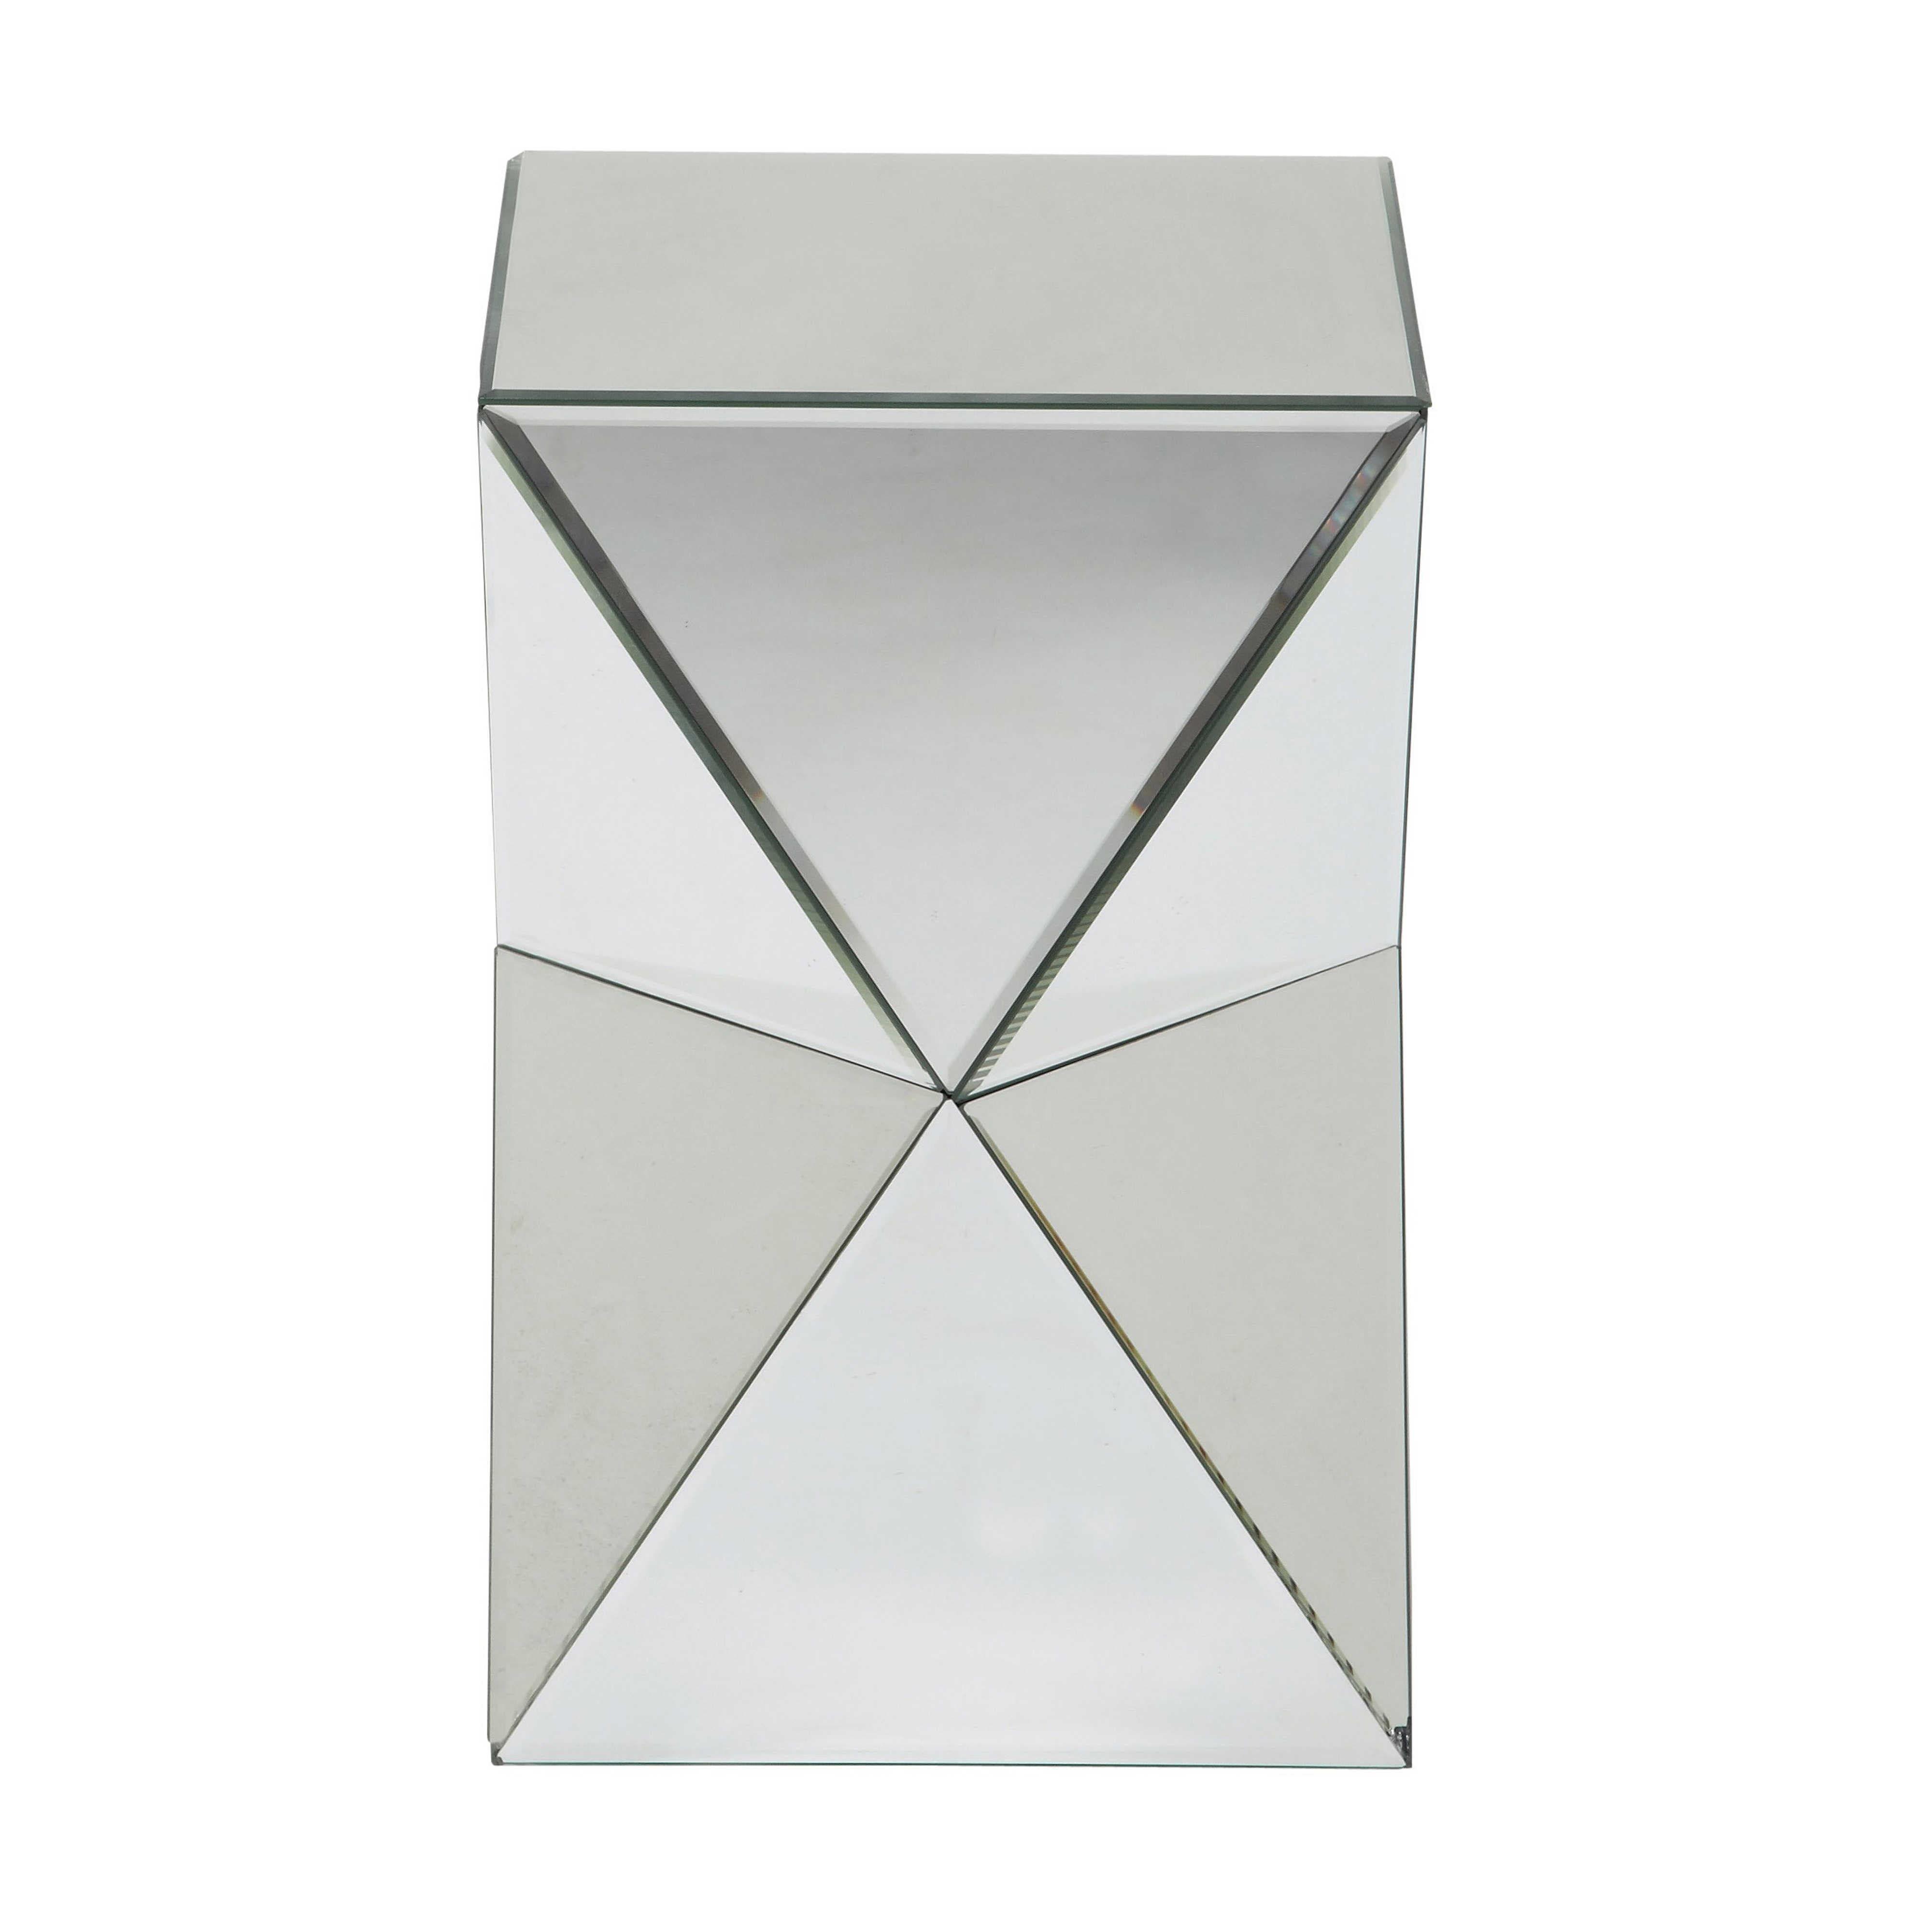 ca4e0df66d556f530481312b5bf960b6 Impressionnant De Table Ronde Ikea Conception